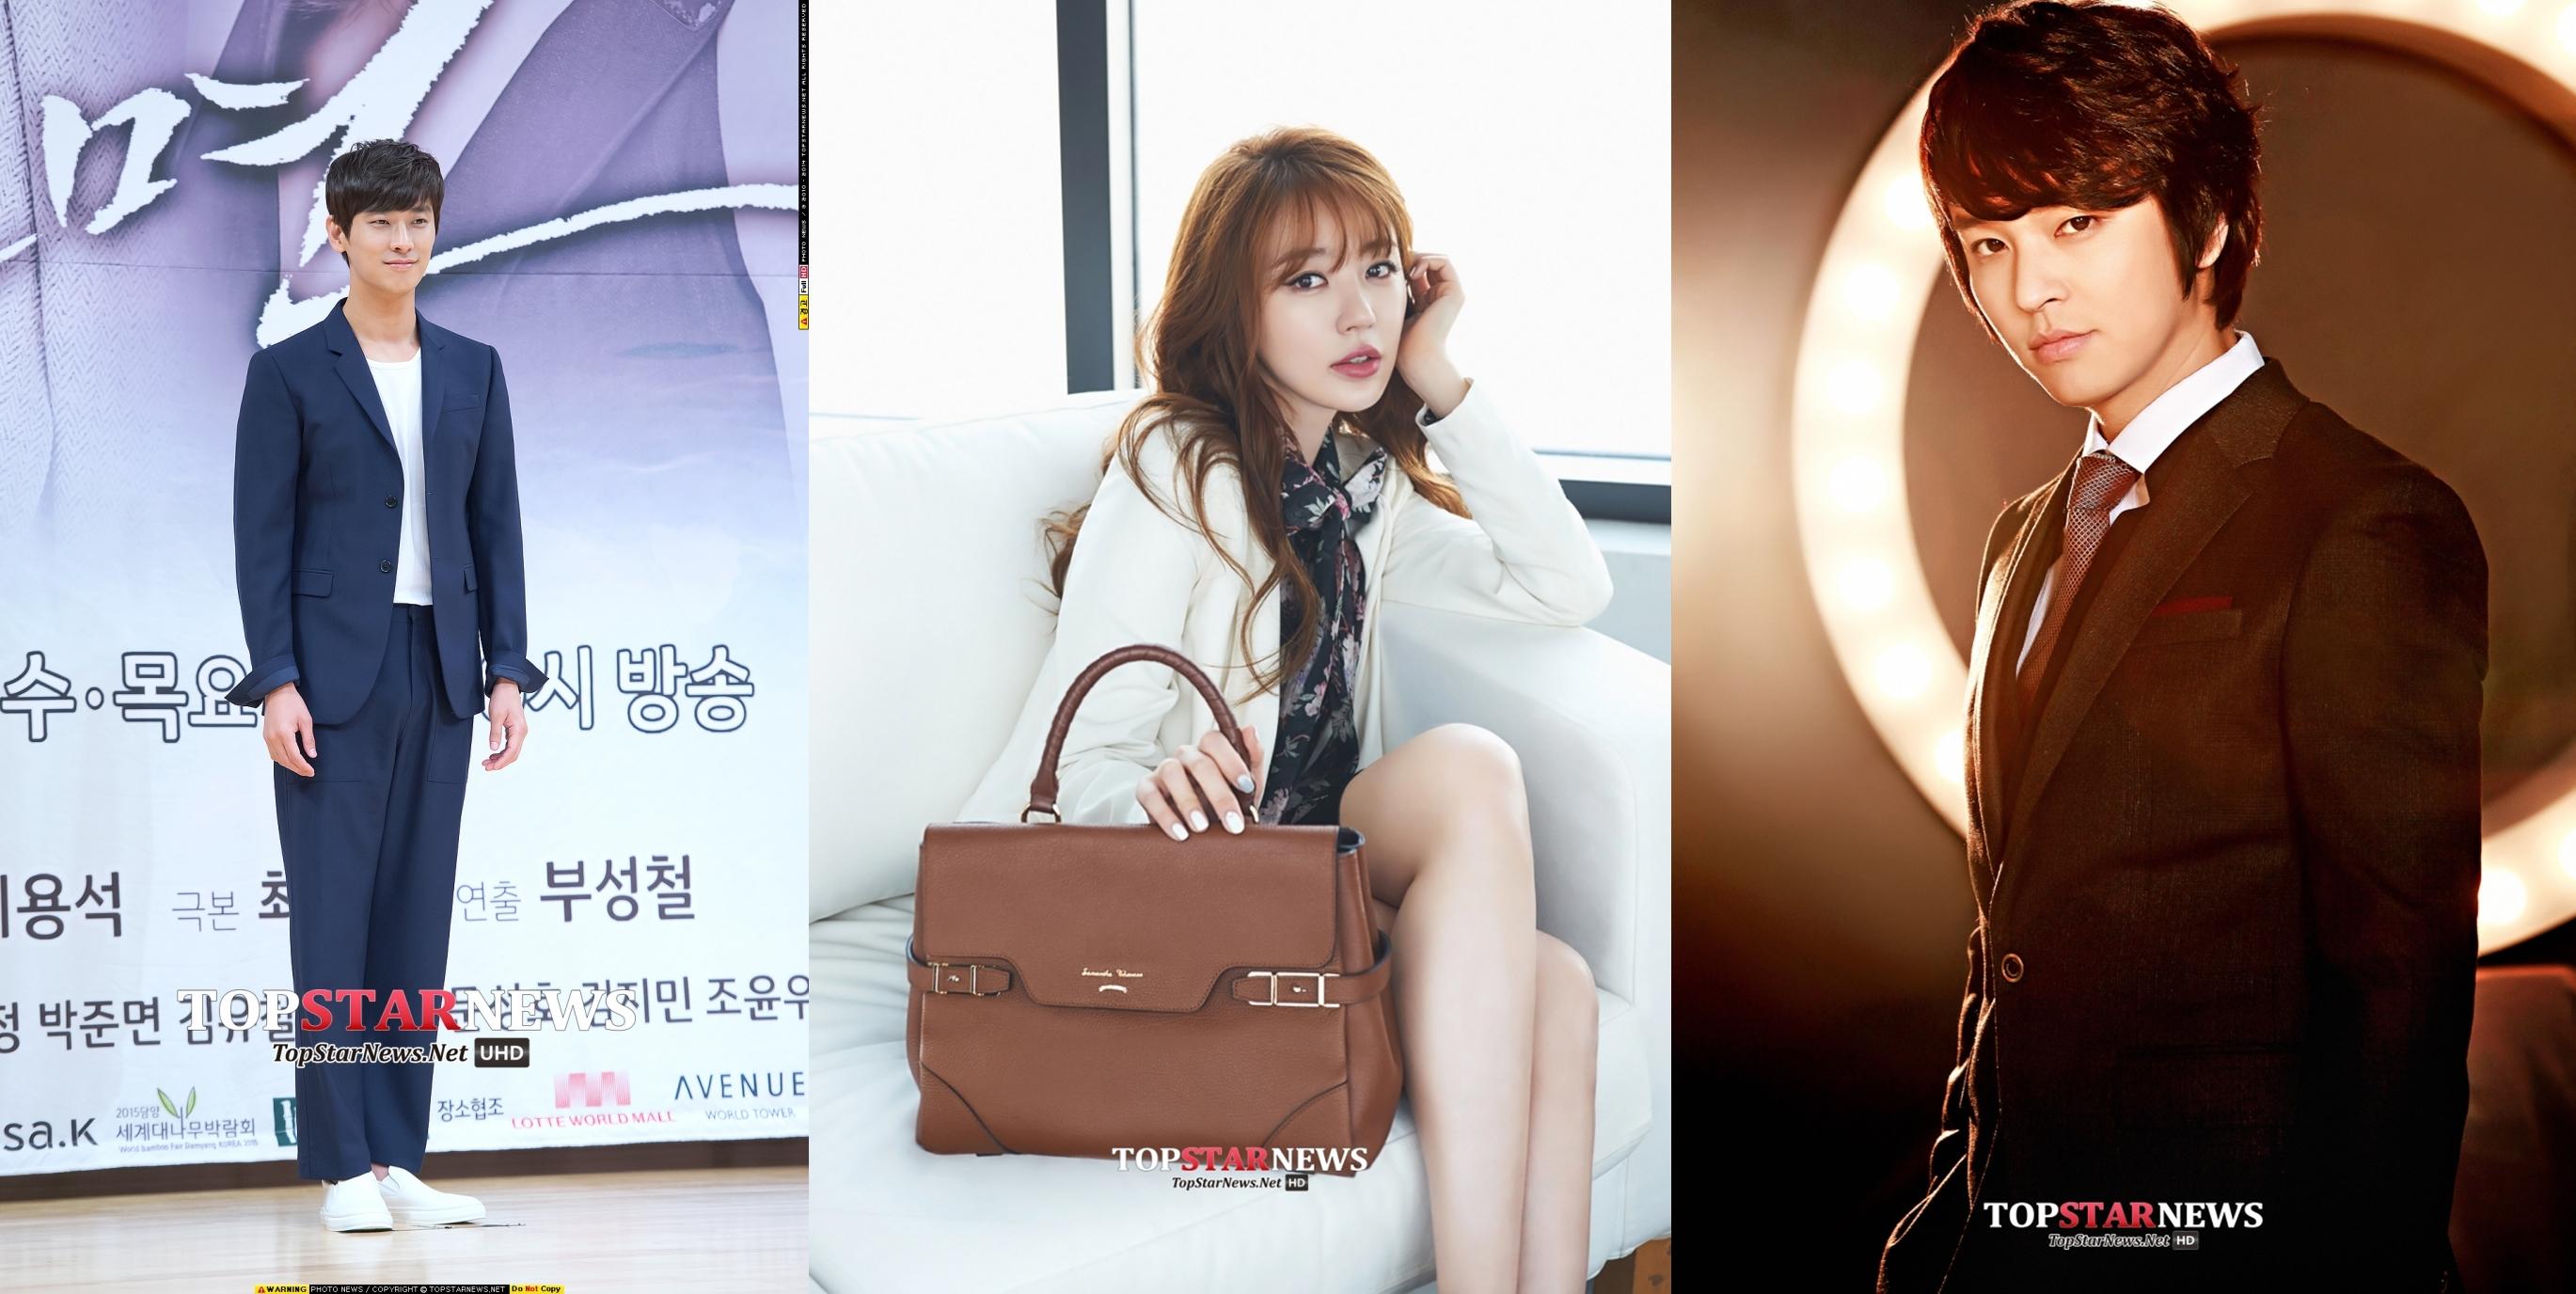 ★ 宮 :: 李律 ★  《宮》是韓國 MBC 在 2006年播製的韓劇,由尹恩惠、朱智勳、宋智孝、金楨勳所主演,假設韓國是君主立憲制國家為背景,所展開出來的故事。